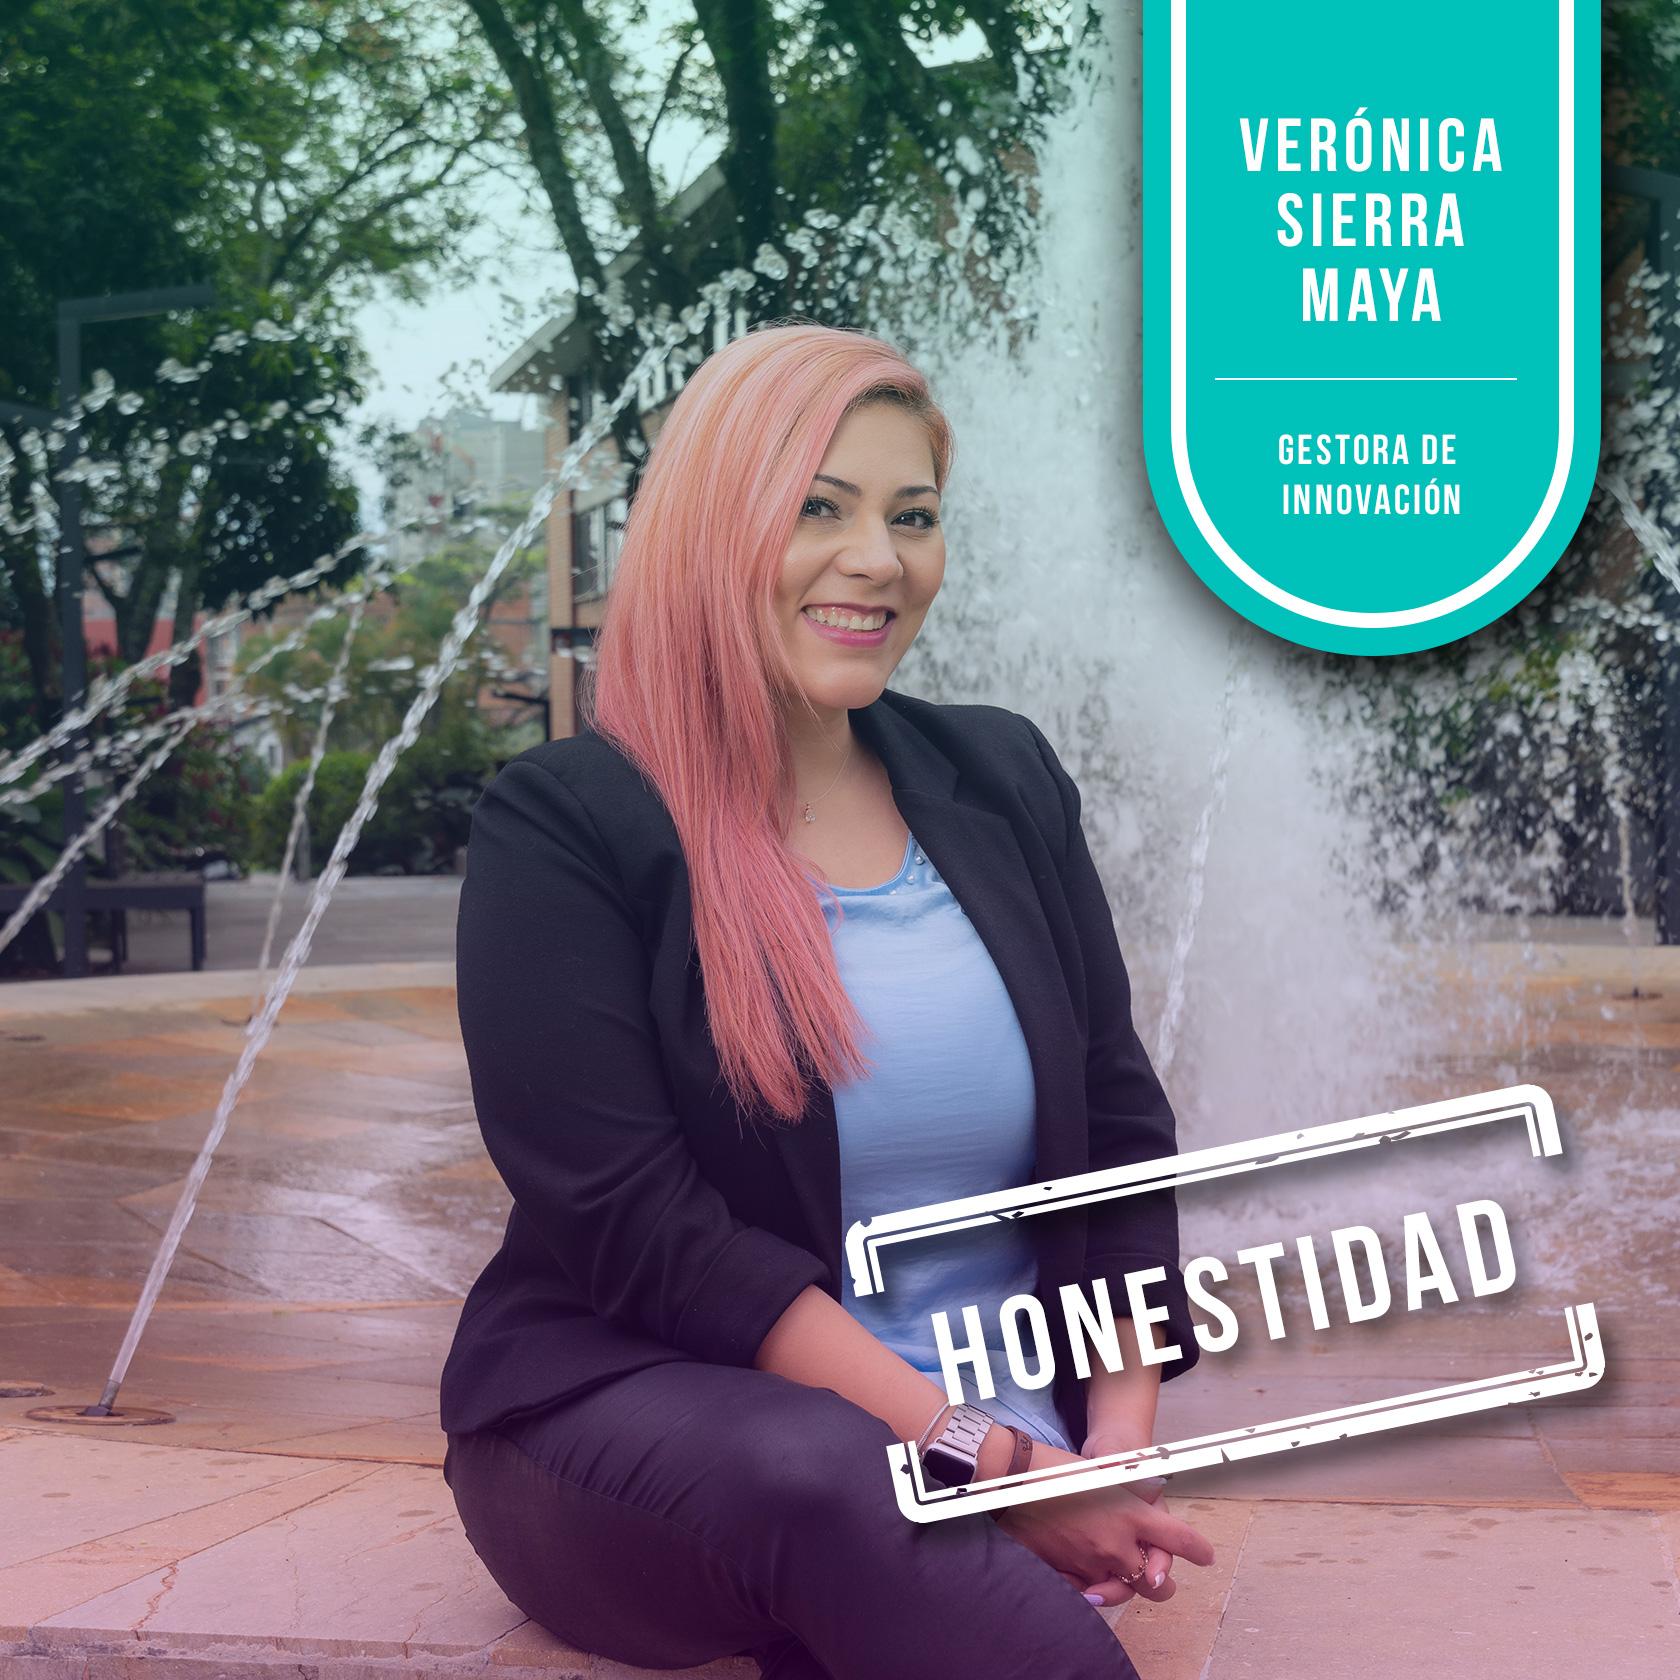 09-Veronica-Sierra